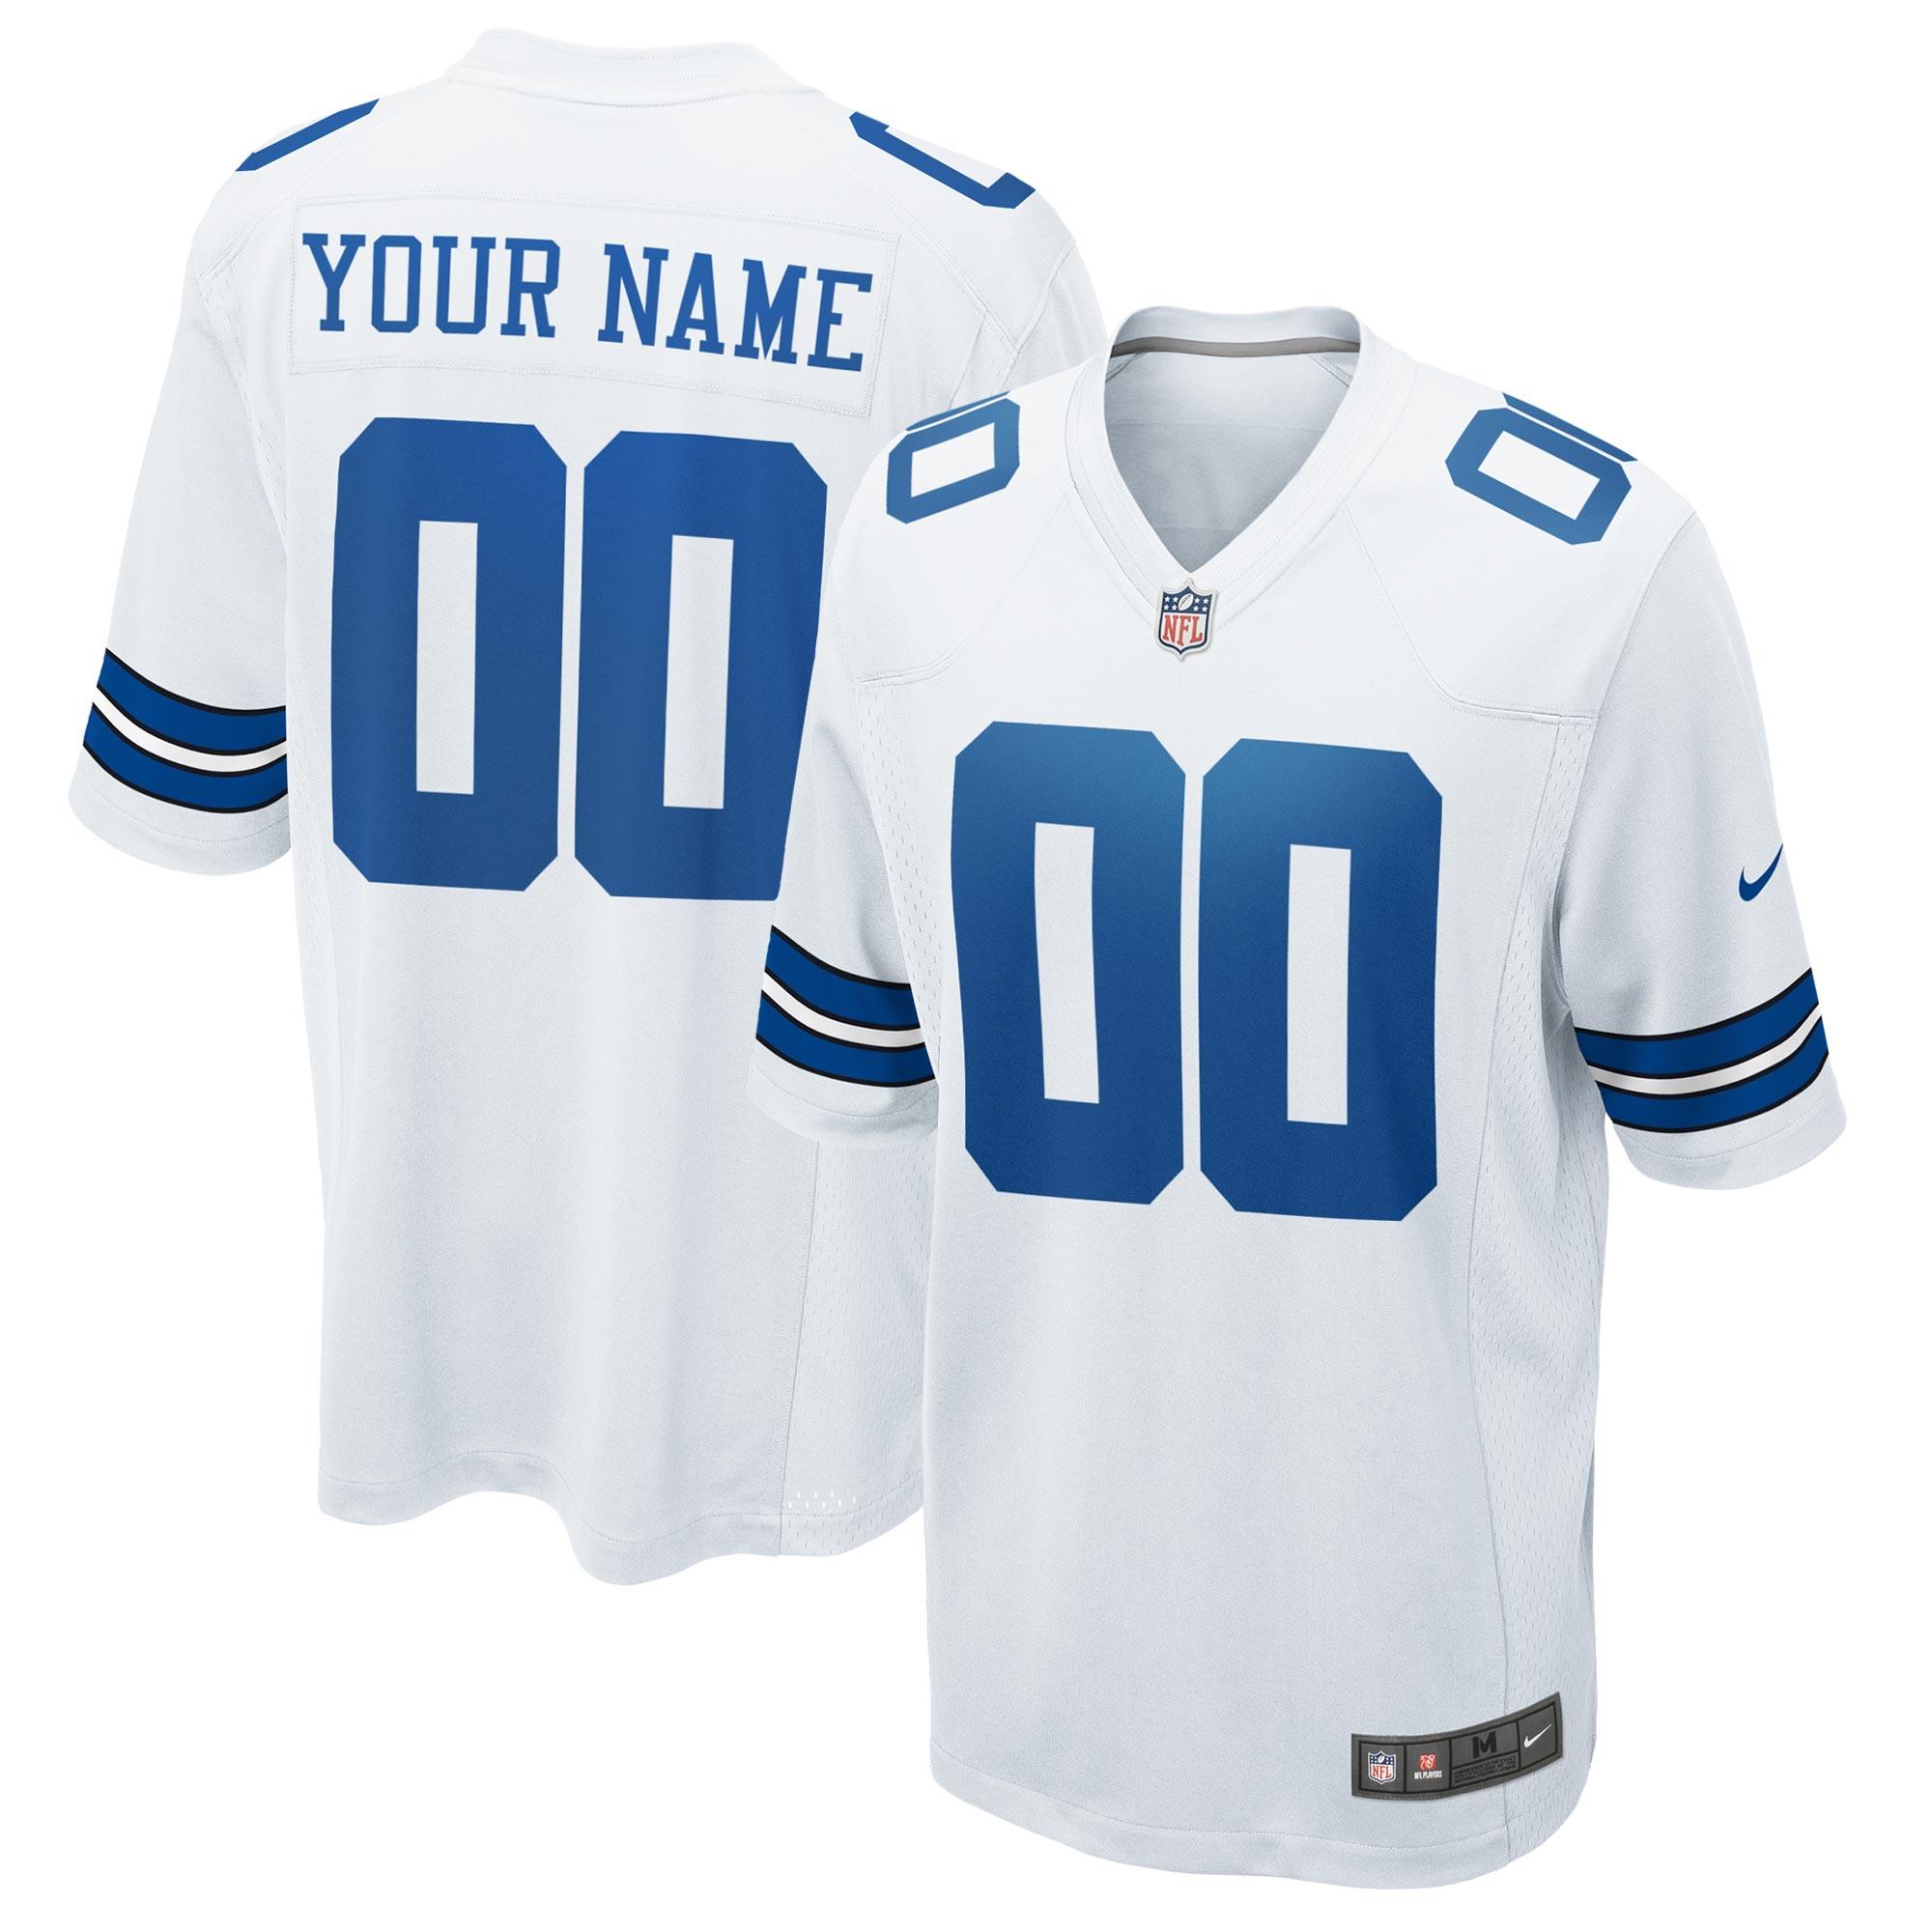 Dallas Cowboys Auswärtsspieltrikot - maßgeschneidert - Jugendliche